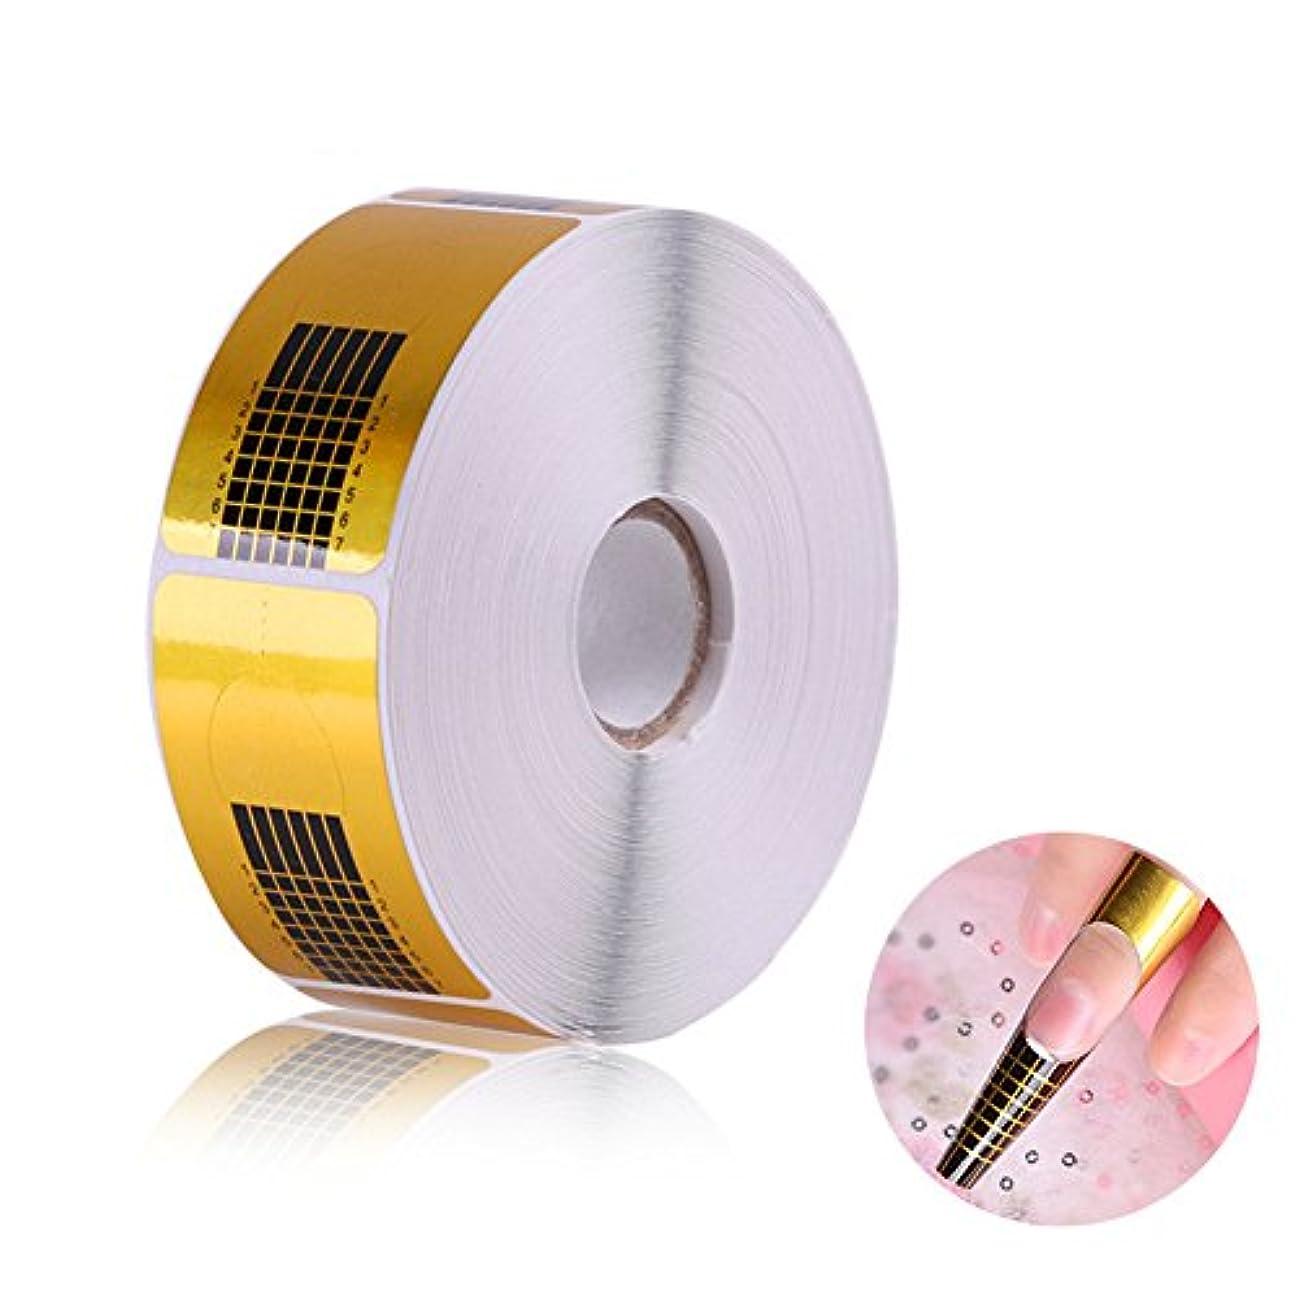 症状レベルサービス長さだしネイルフォームガイドテープ アクリル、UVジェルネイルチップエクステンションに適用なツール マニキュアネイルアートツール (500枚)